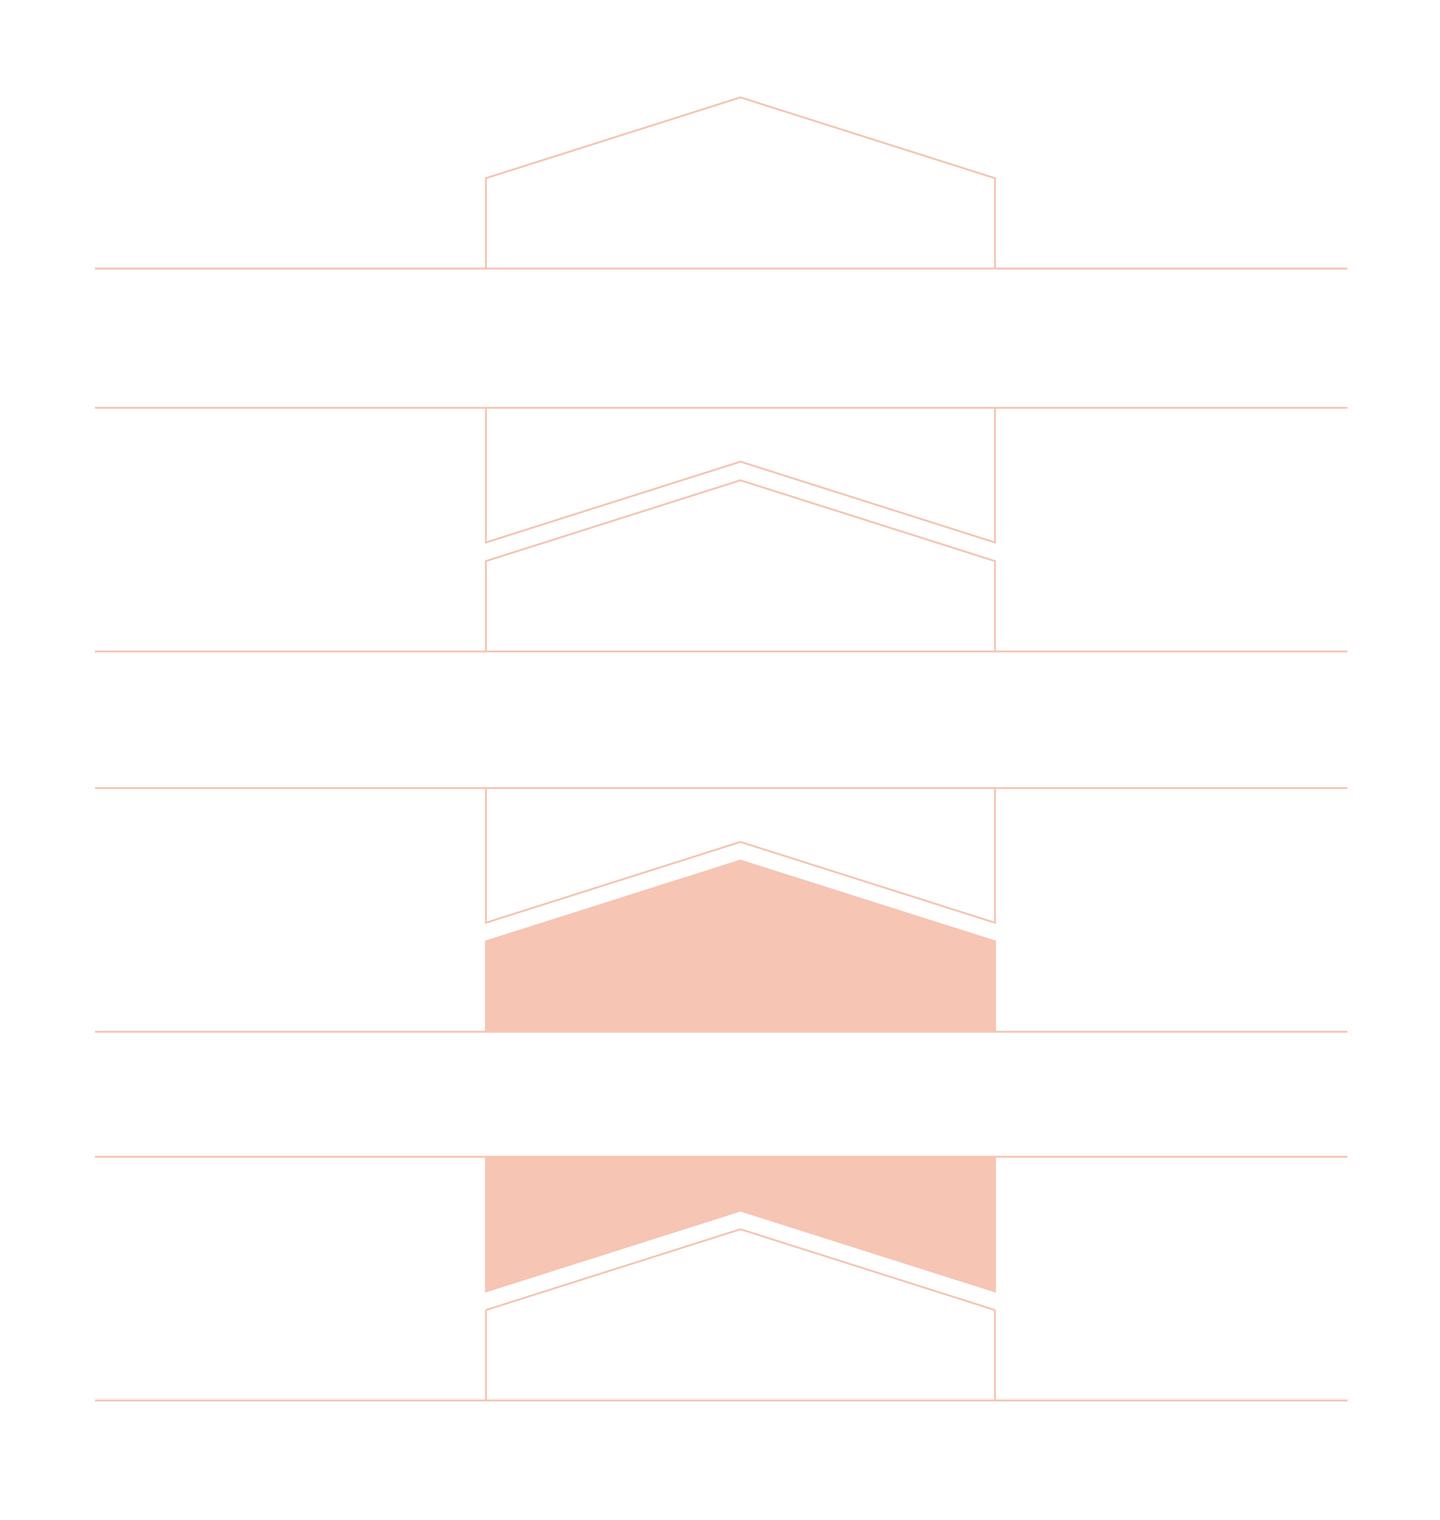 Fuga_Officina dell'Architettura | Un capanno